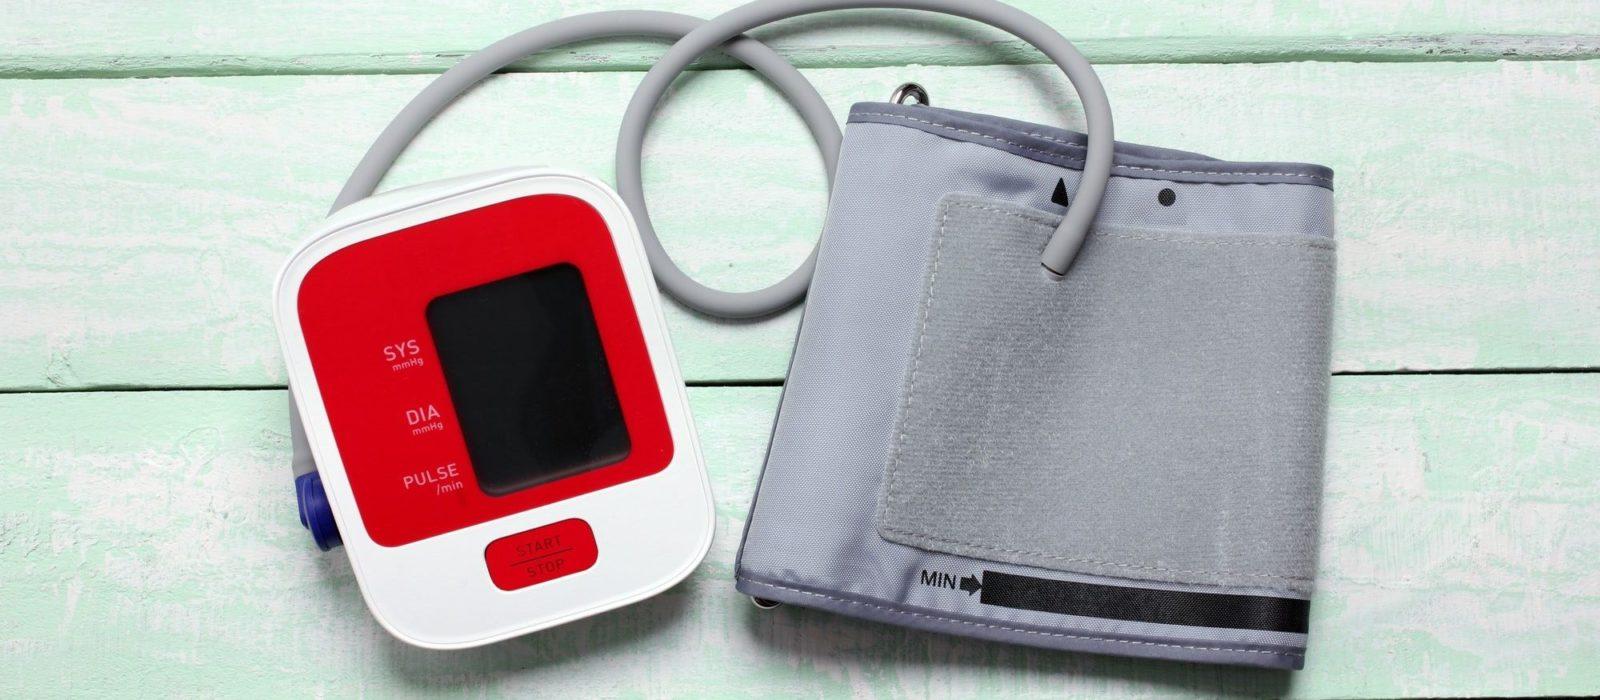 Symbolbild Blutdruckmessung zeigt ein Blutdruckmessgerät